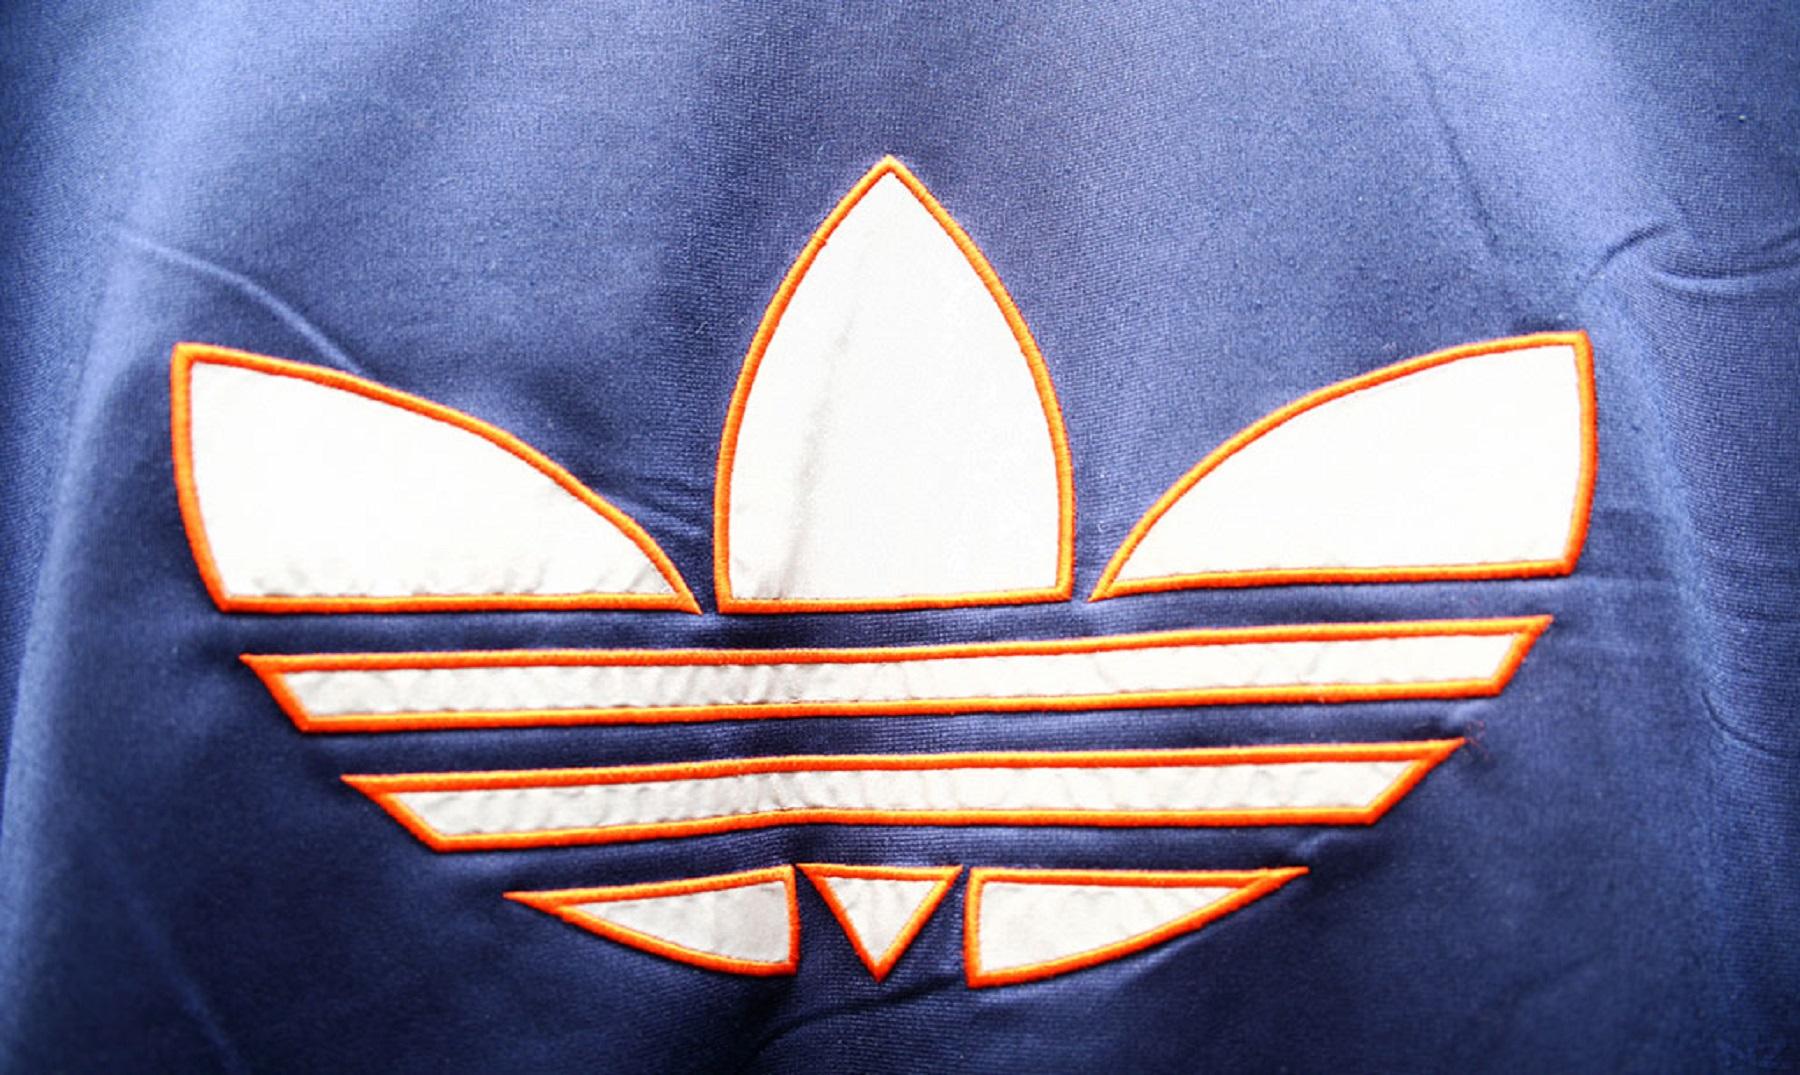 ¿Sabías que los creadores de Adidas y Puma son hermanos?